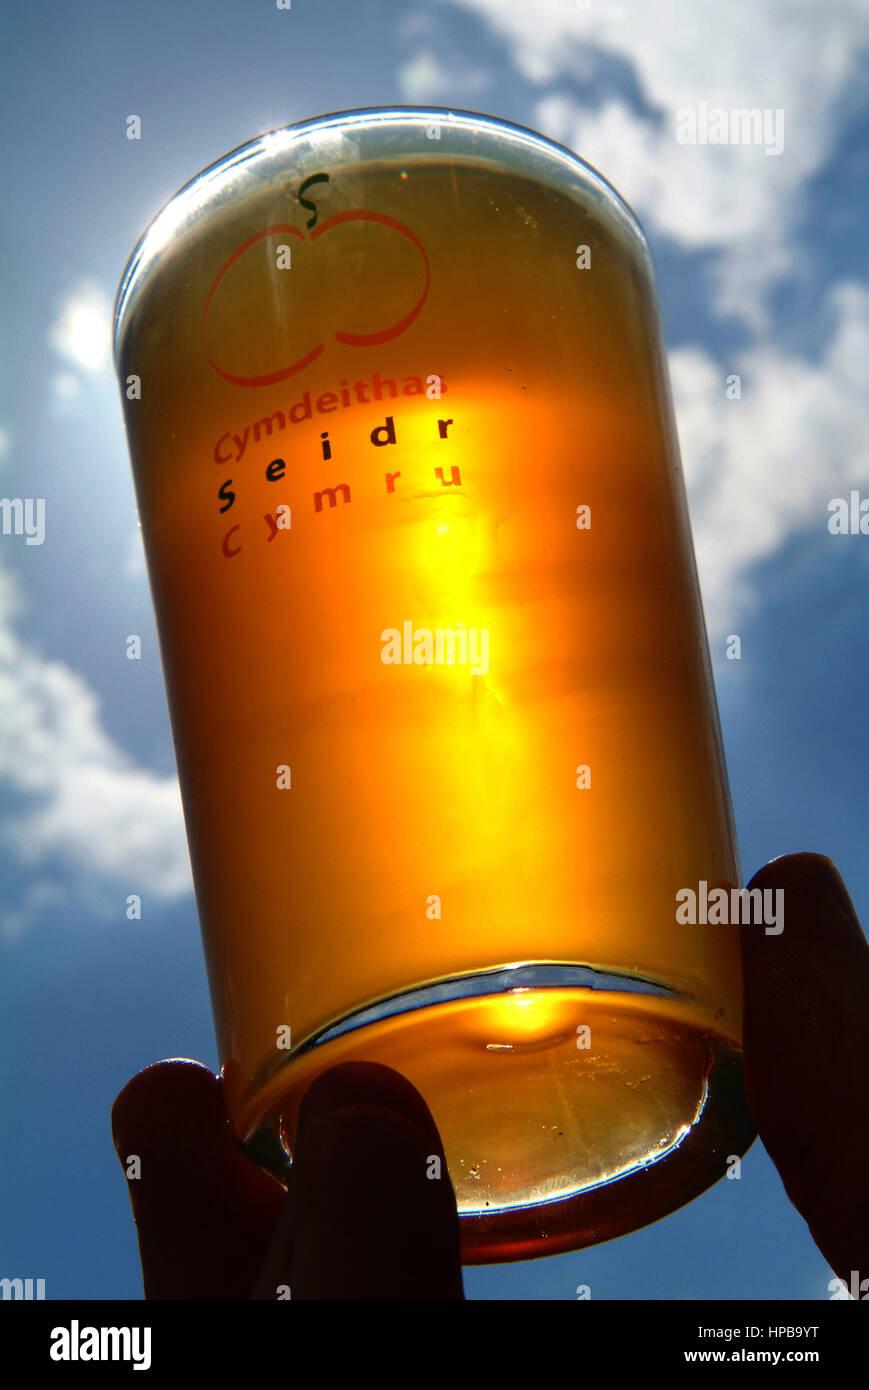 Welsh cider, Cymru seidr - Stock Image